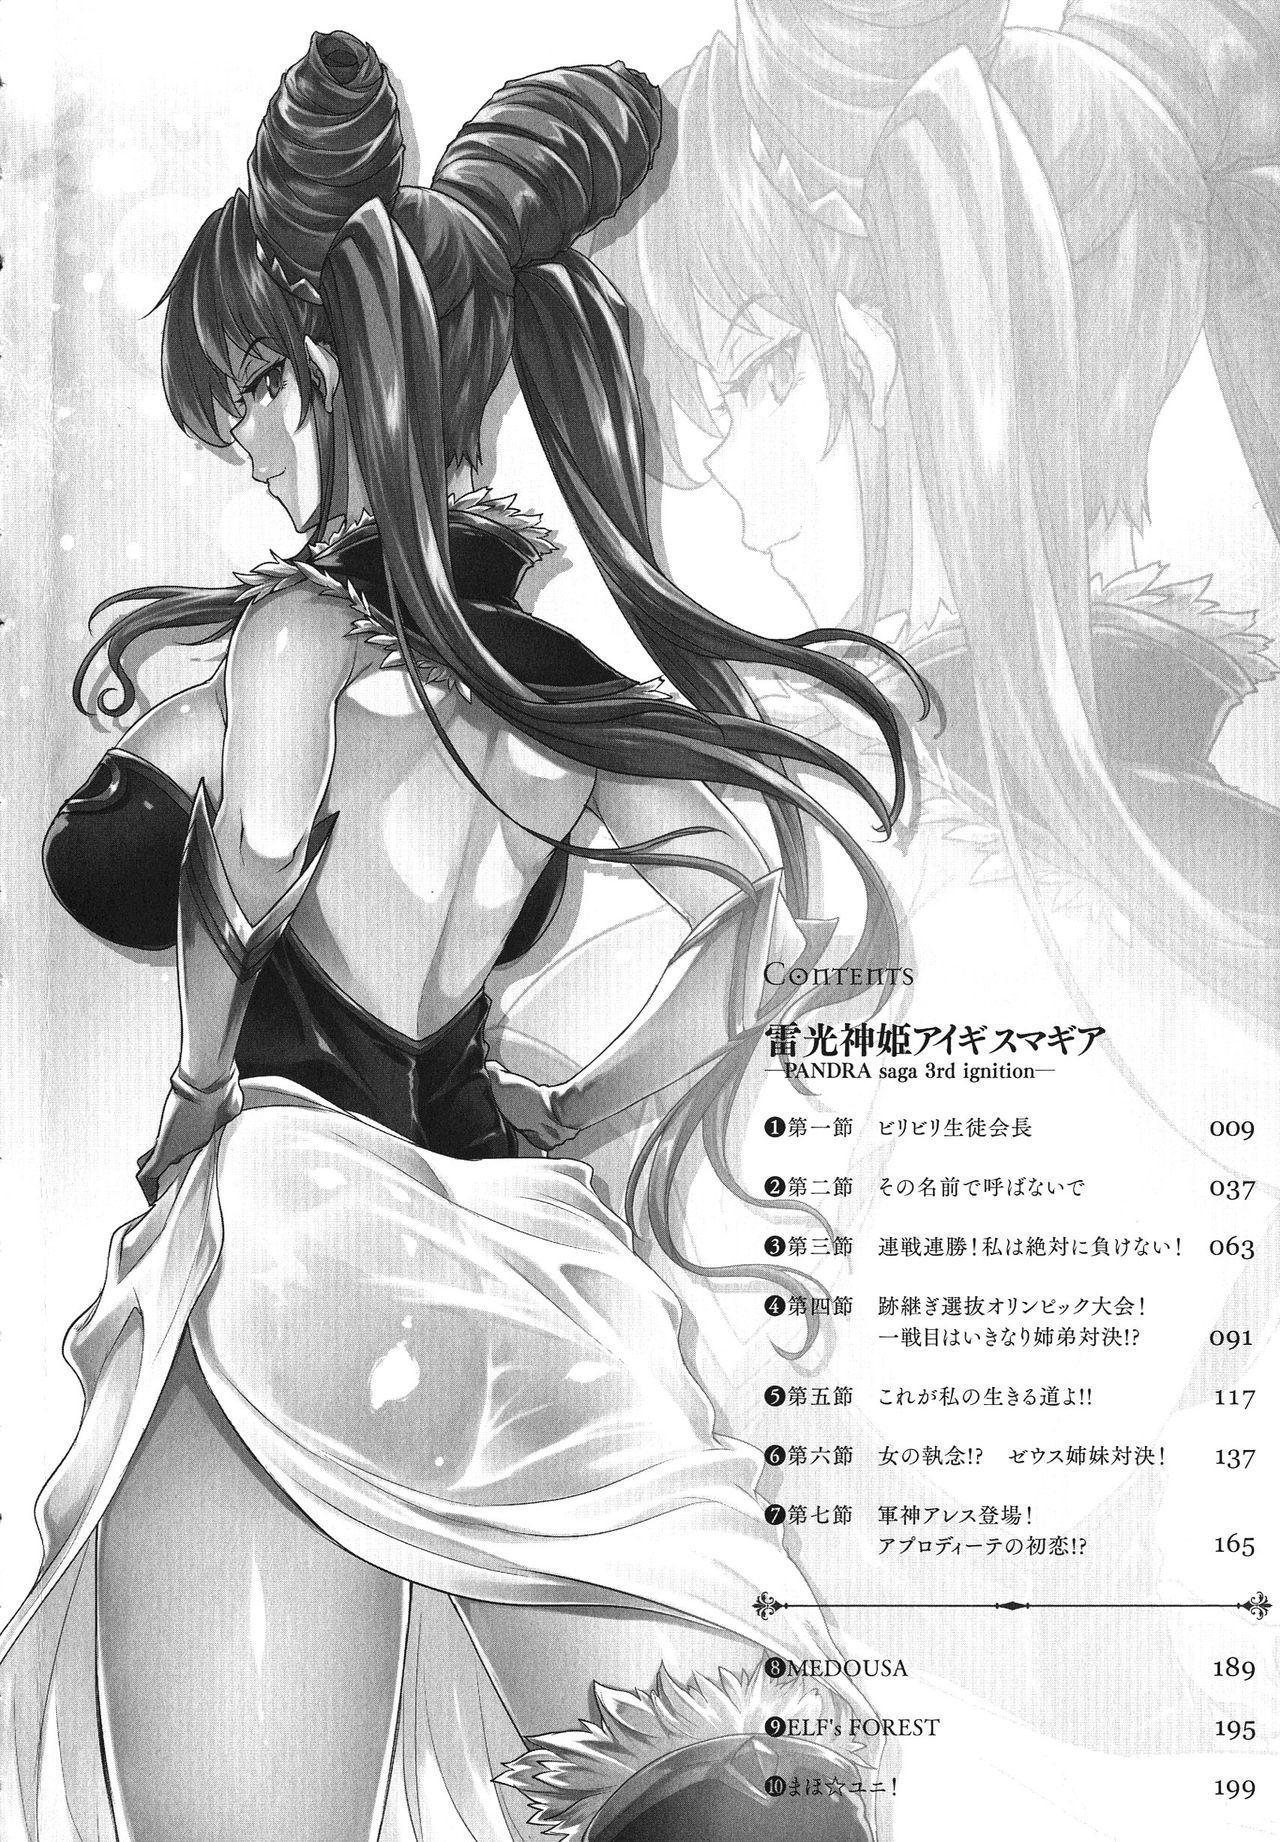 [Erect Sawaru] Raikou Shinki Igis Magia -PANDRA saga 3rd ignition- Ch. 1-6 [English] [CGrascal] 4